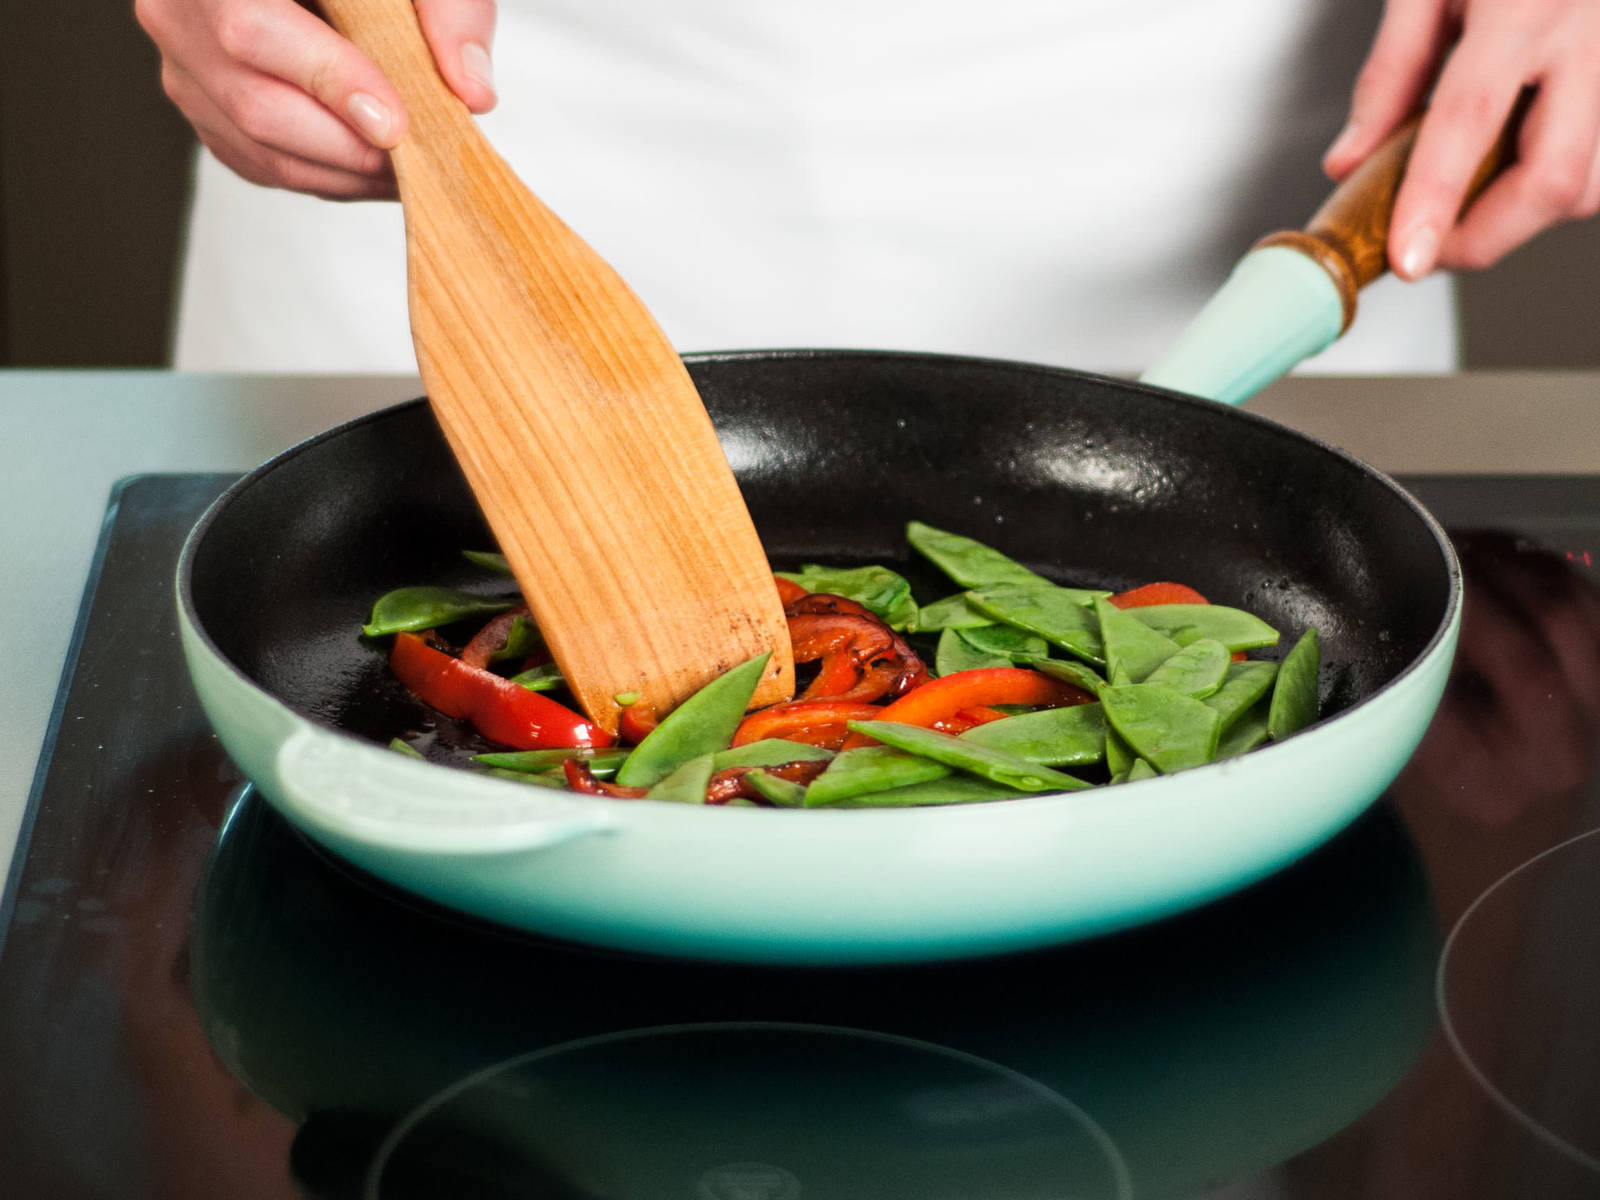 Etwas mehr Pflanzenöl in einer Pfanne erhitzen. Zuckerschoten und Paprika bei mittlerer Hitze ca. 5 – 7 Min. anbraten. Mit Salz und Pfeffer würzen.